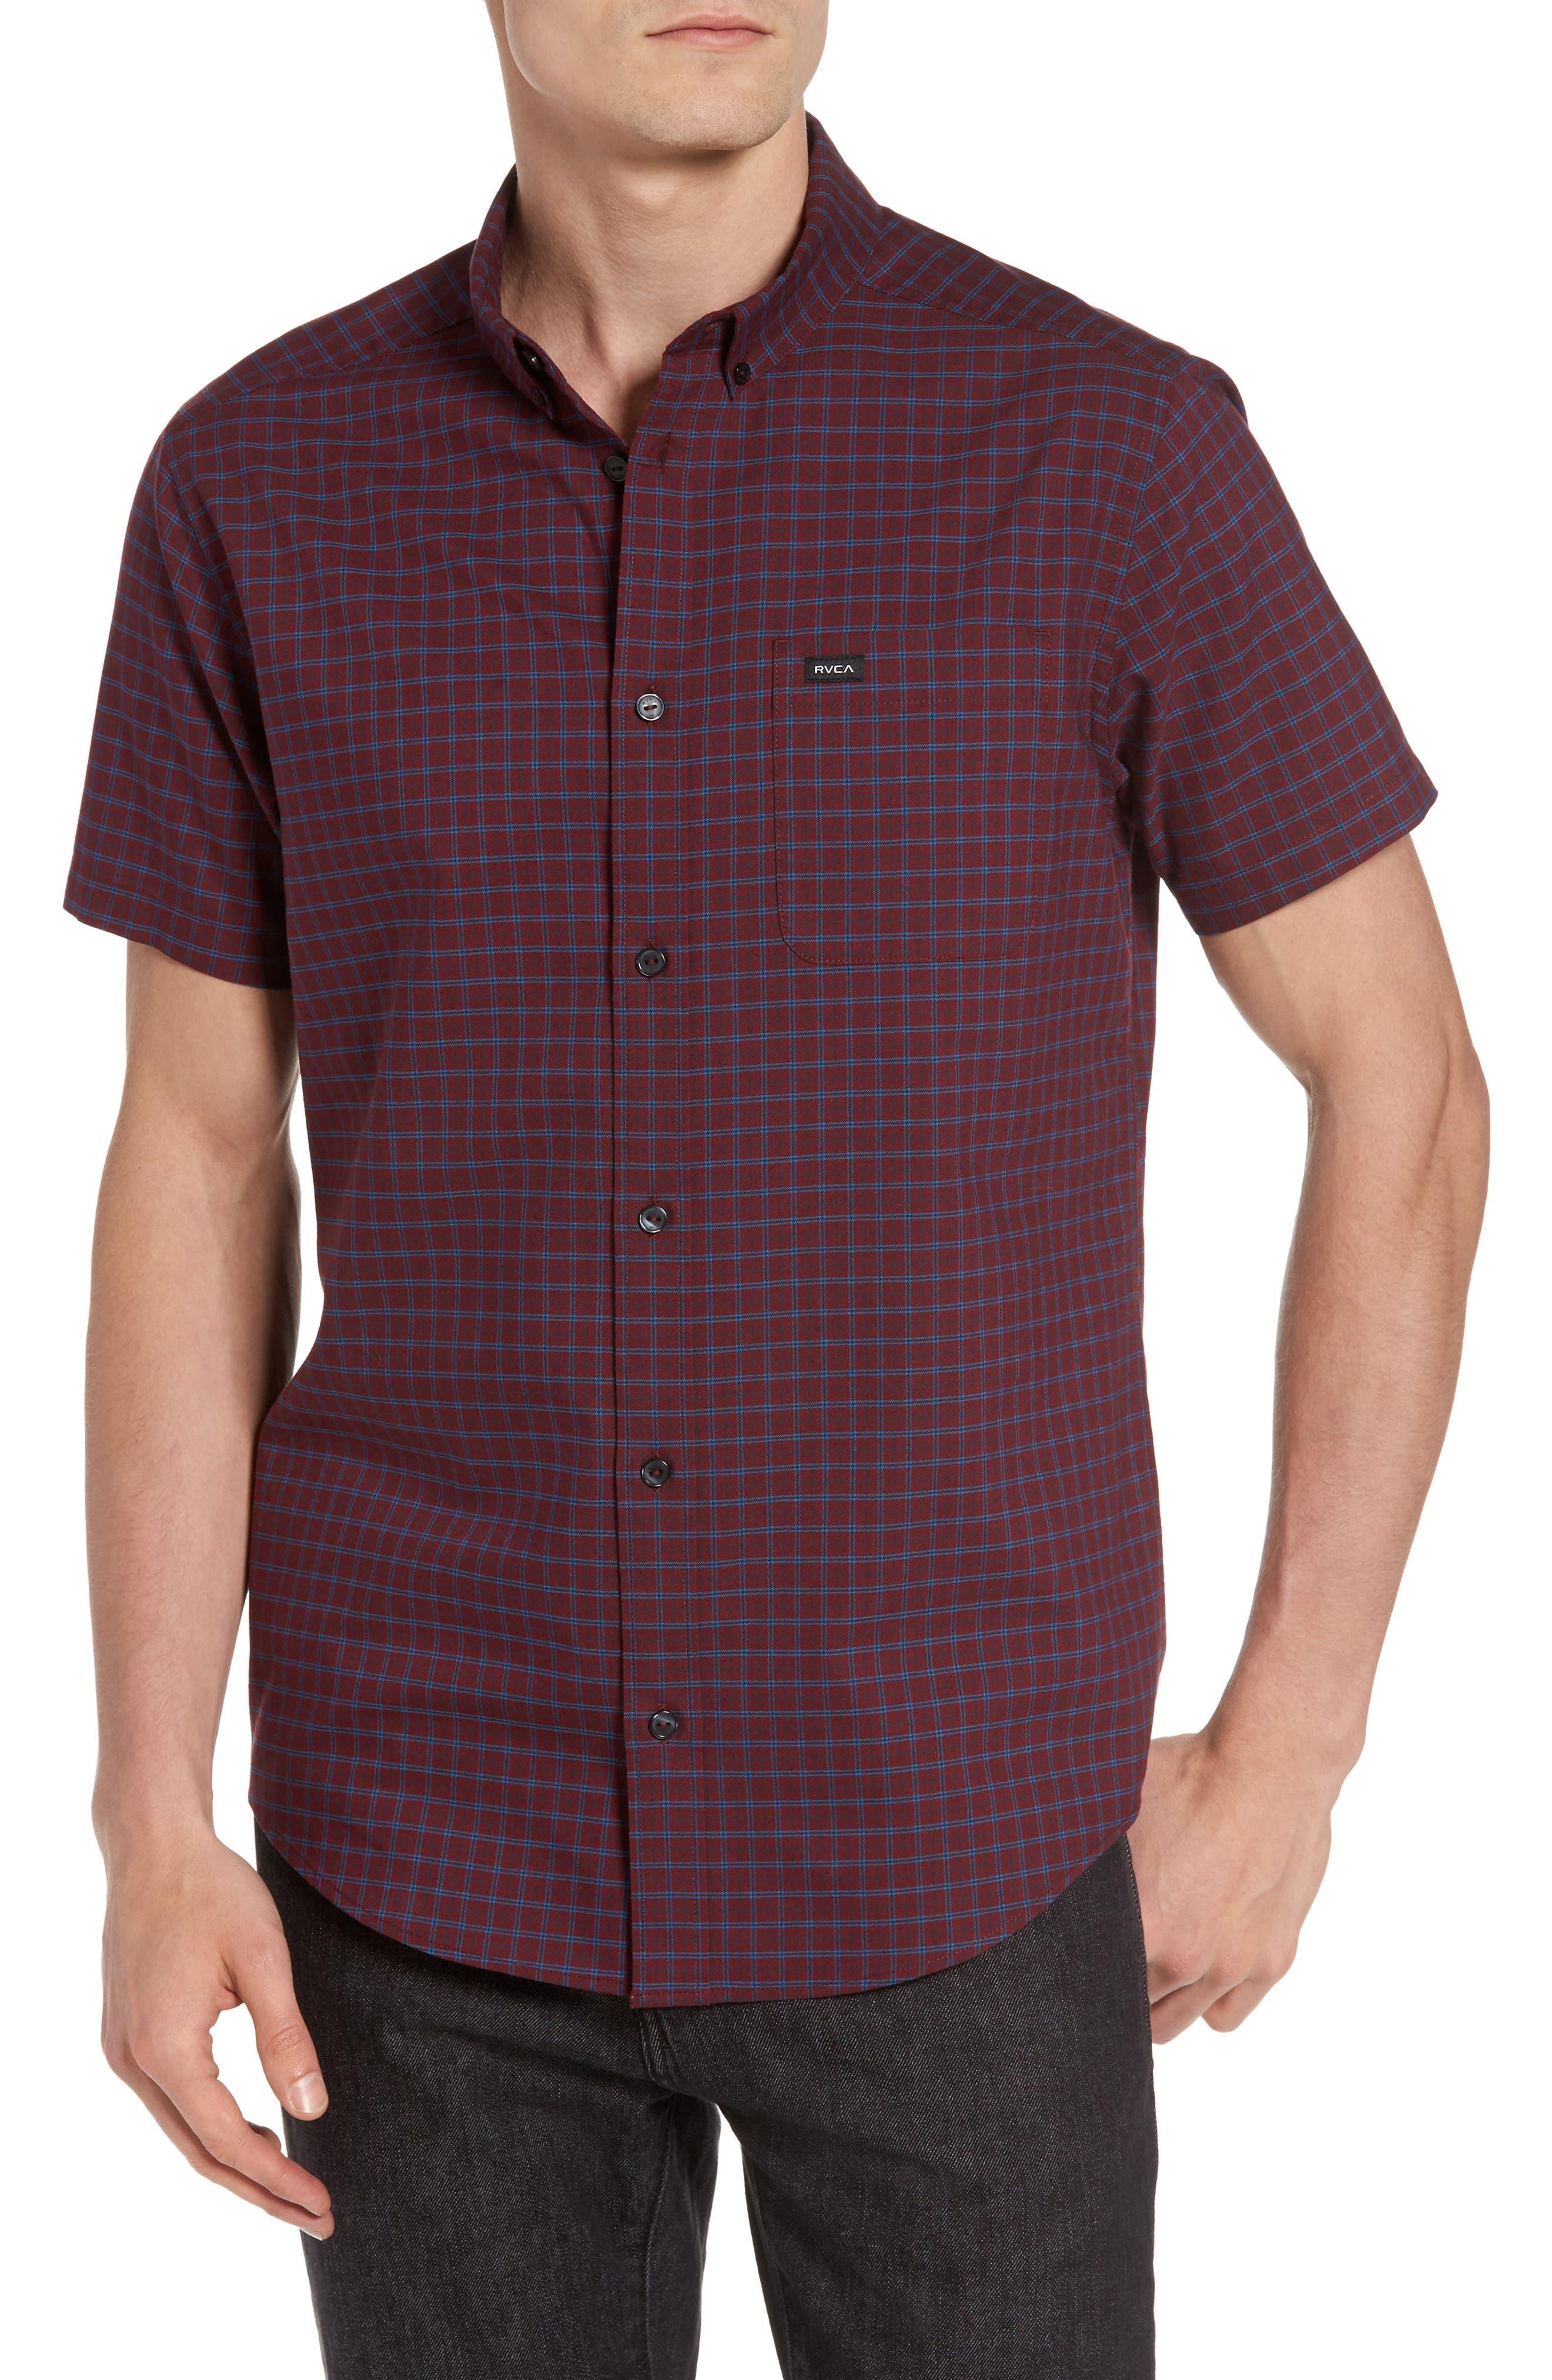 RVCA That'll Do Tattersall Woven Shirt